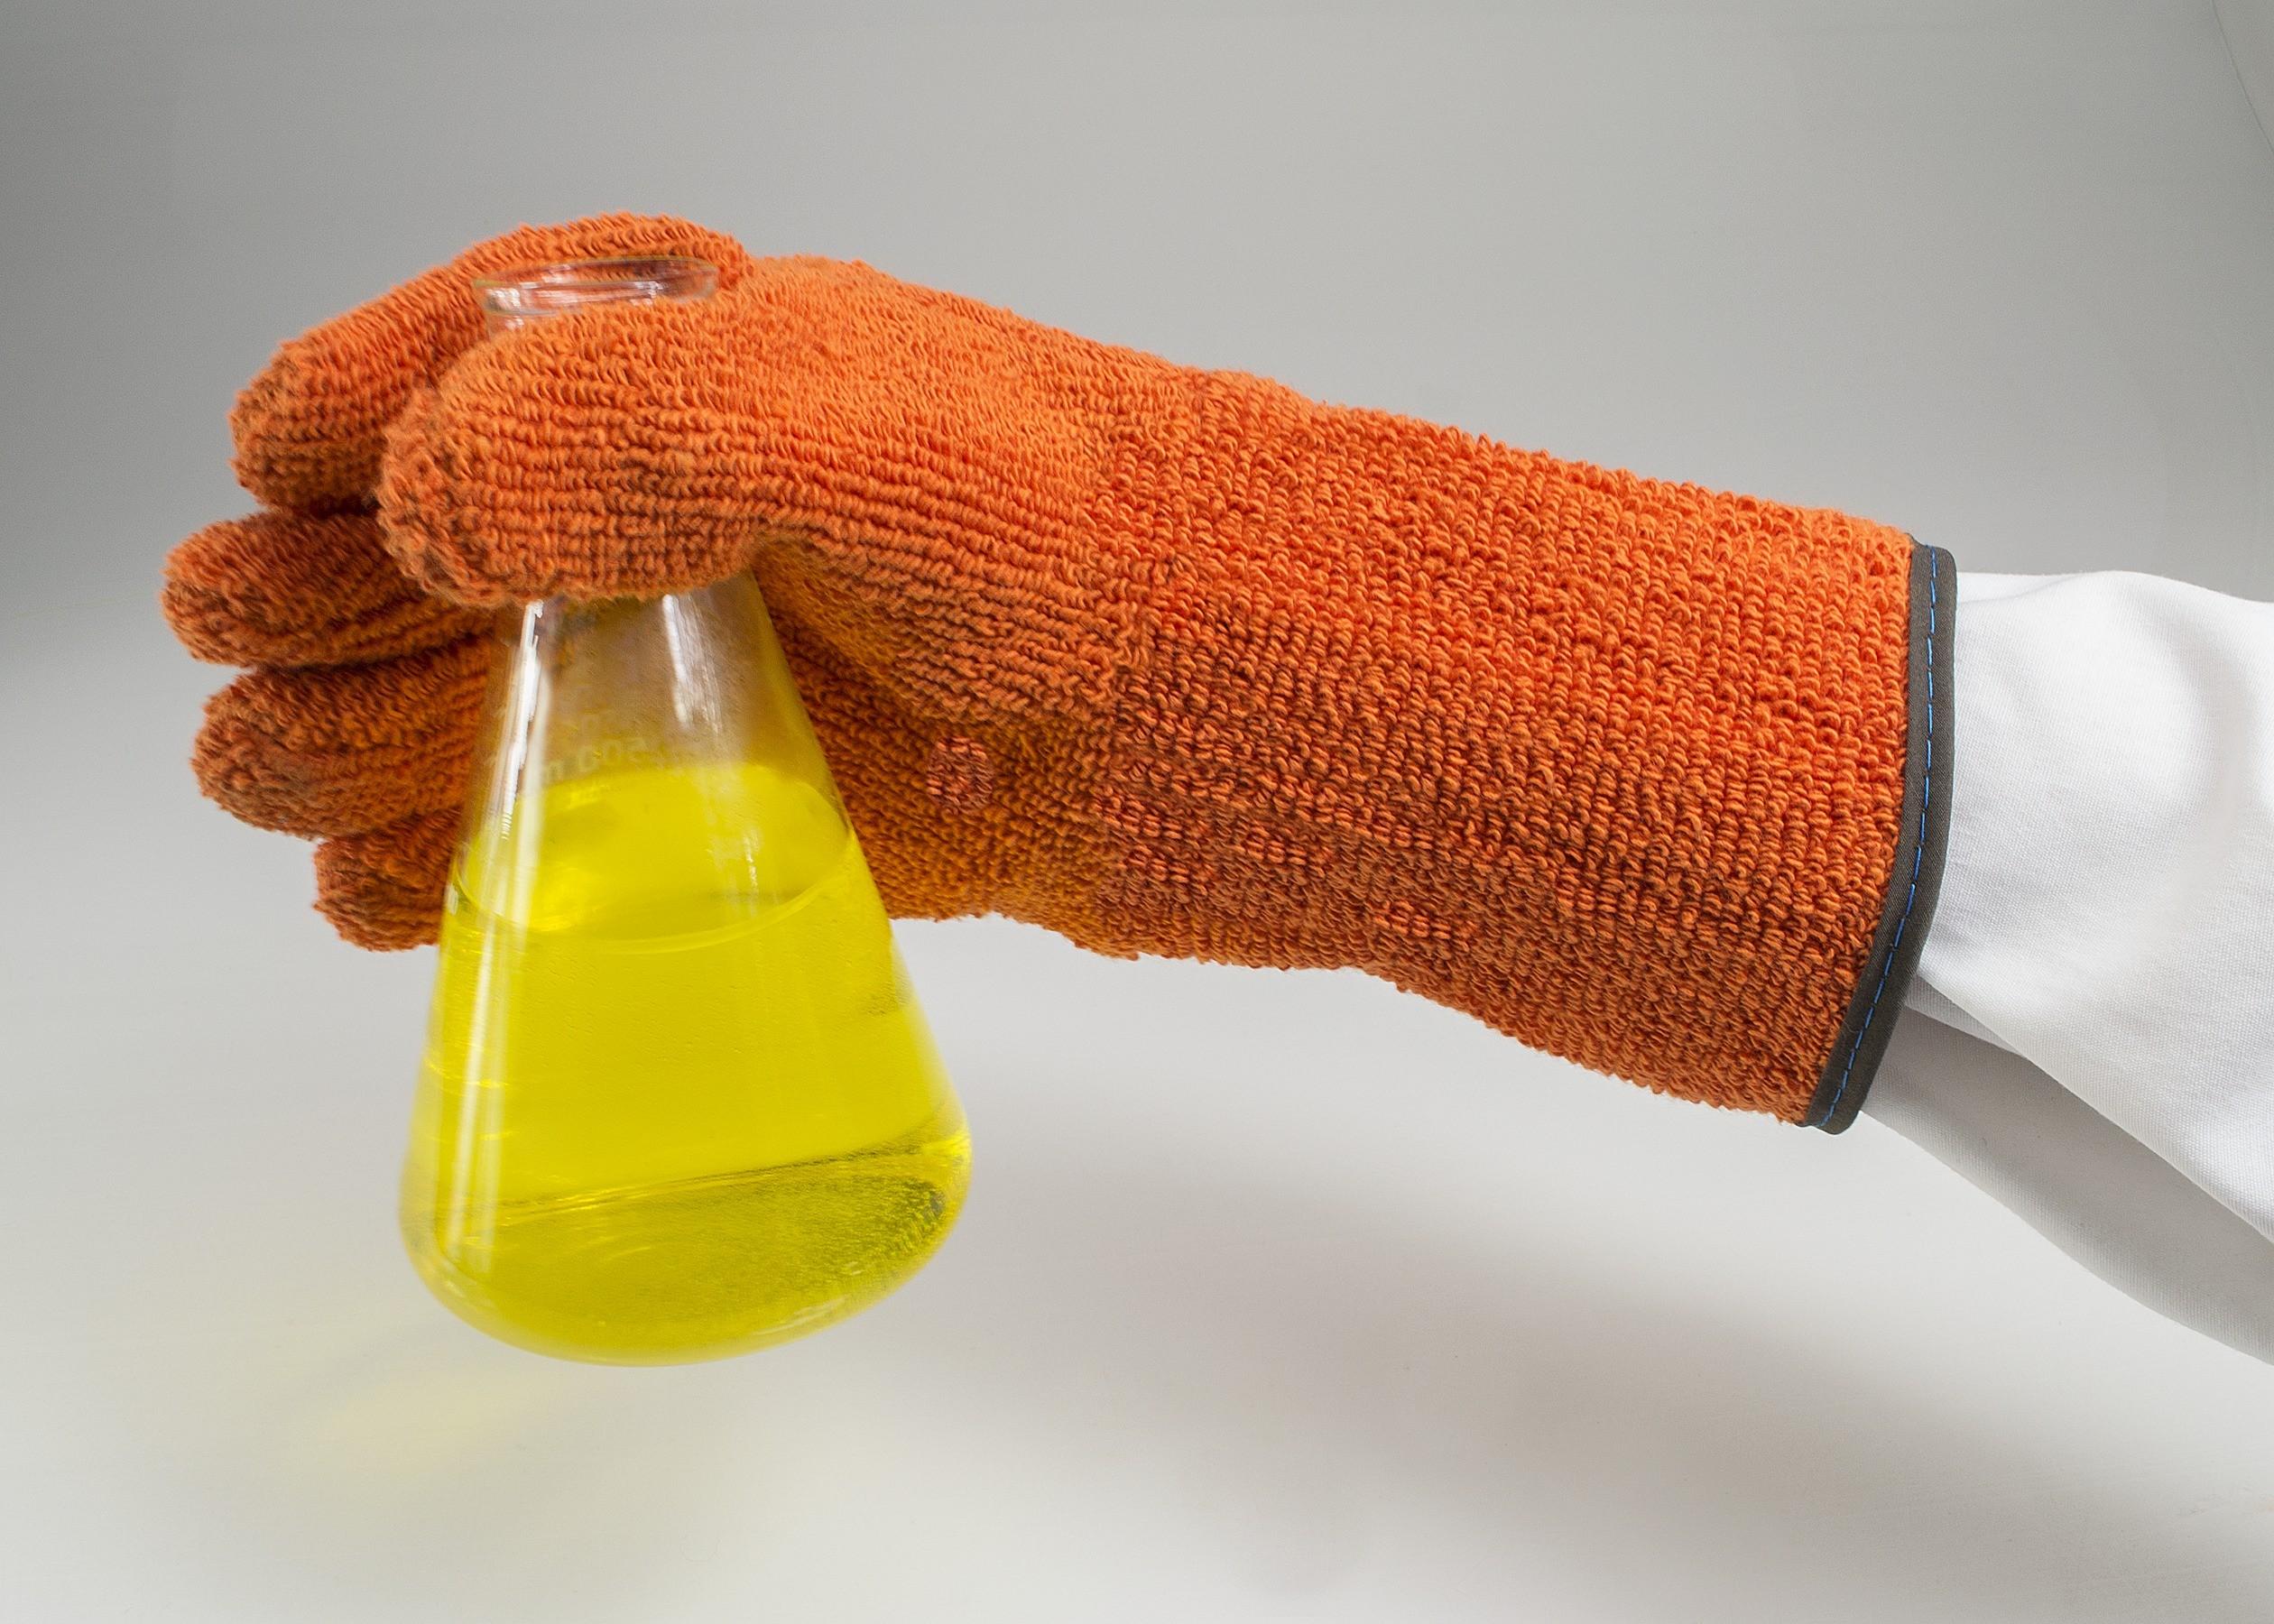 Biohazard Autoclave Gloves – Clavies